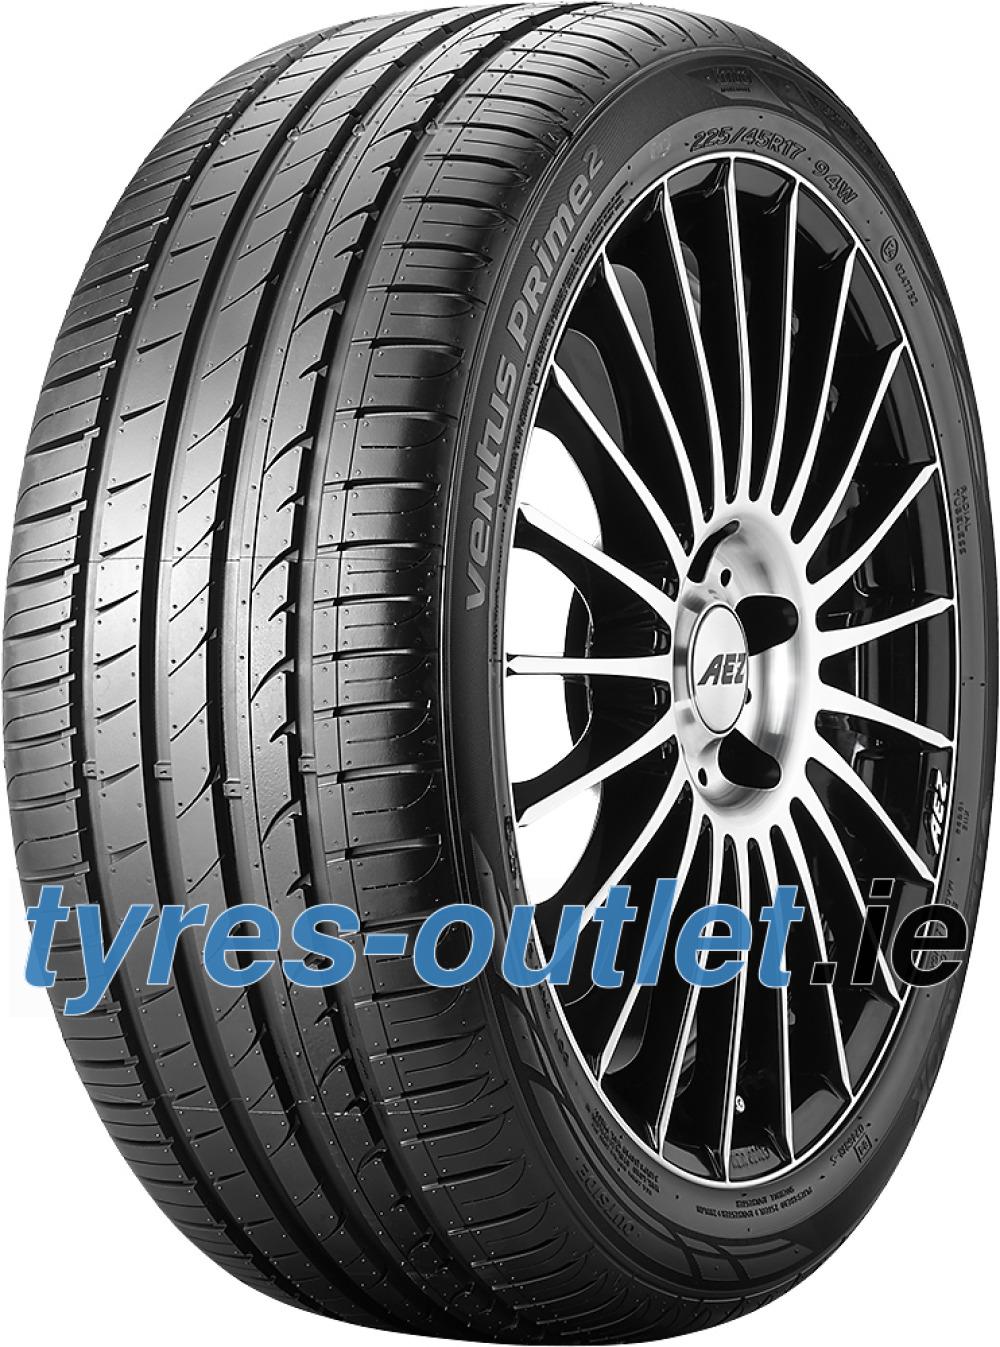 Hankook Ventus Prime 2 K115 ( 225/40 R18 88V with rim protection (MFS) SBL )